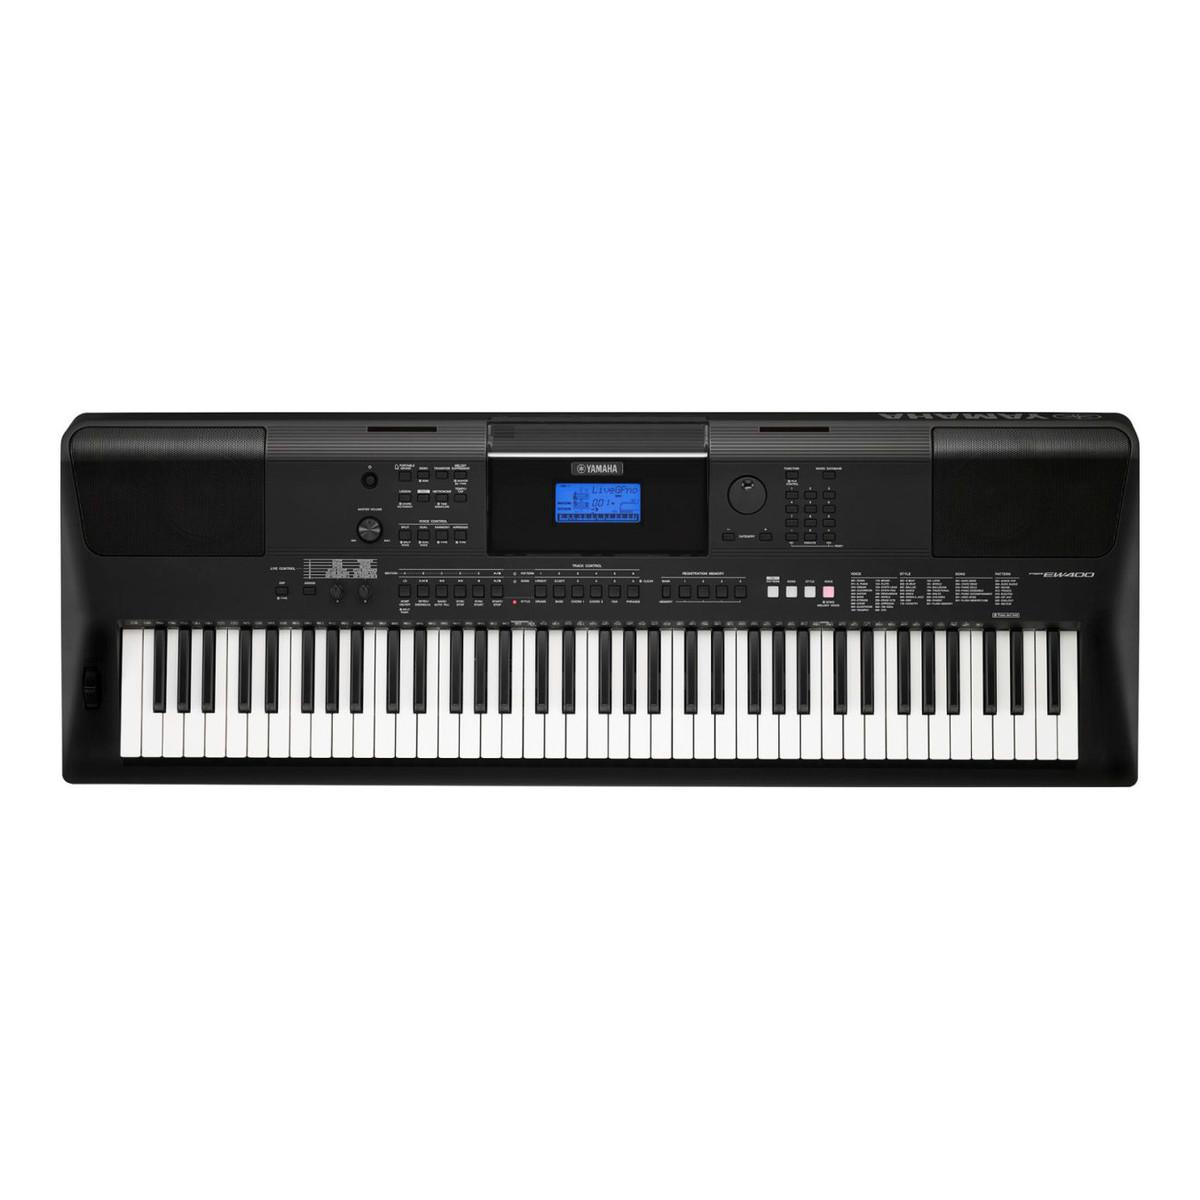 Yamaha psr ew400 digital piano at for Digital piano keyboard yamaha